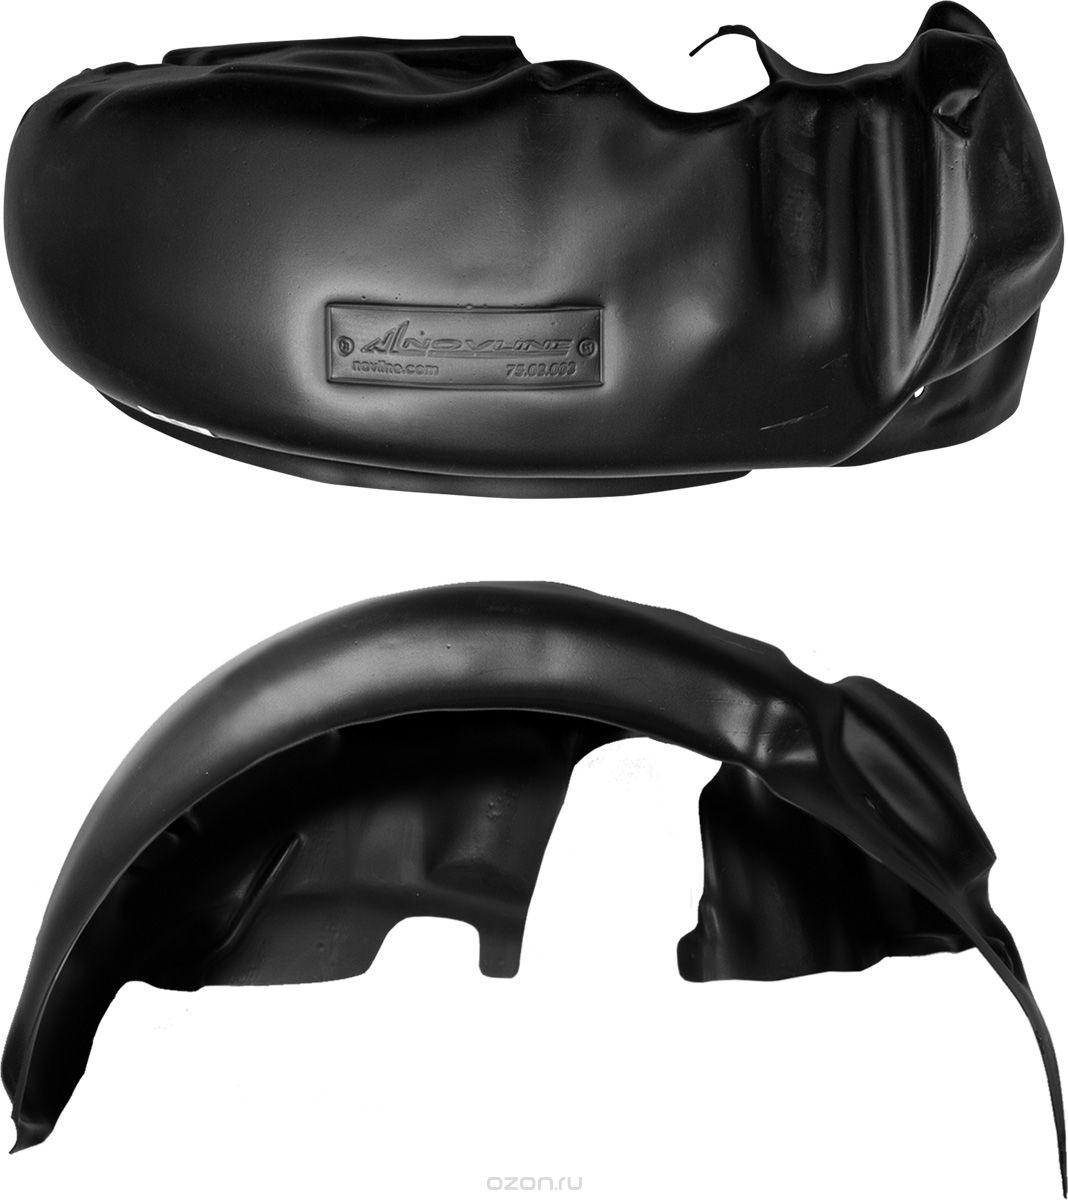 Подкрылок Novline-Autofamily, для ВАЗ 11183 Kalina 2004-2013, б/б, задний правыйSS 4041Идеальная защита колесной ниши. Локеры разработаны с применением цифровых технологий, гарантируют максимальную повторяемость поверхности арки. Изделия устанавливаются без нарушения лакокрасочного покрытия автомобиля, каждый подкрылок комплектуется крепежом. Уважаемые клиенты, обращаем ваше внимание, что фотографии на подкрылки универсальные и не отражают реальную форму изделия. При этом само изделие идет точно под размер указанного автомобиля.